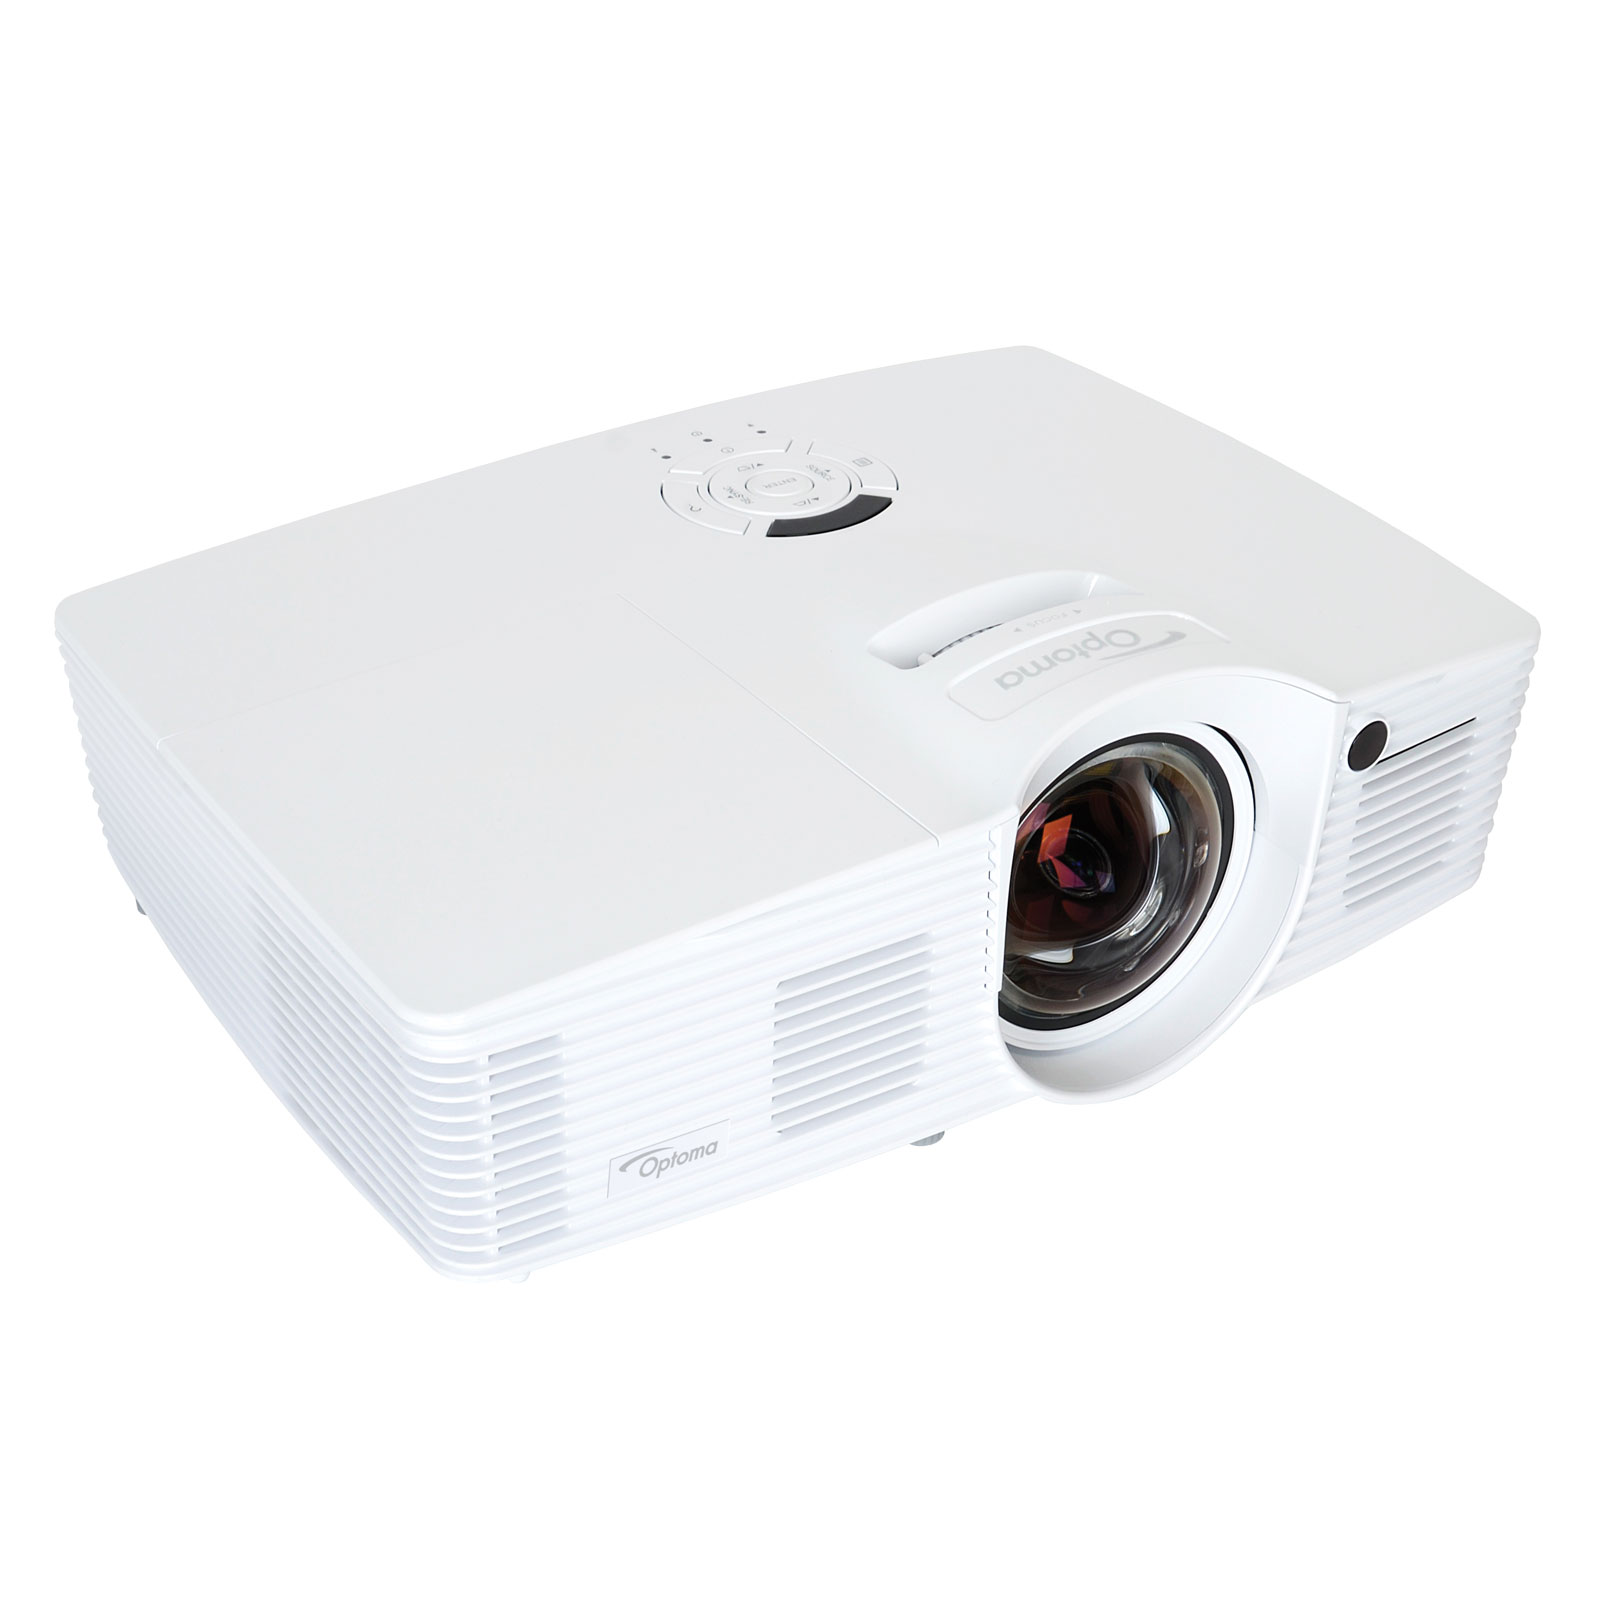 Vidéoprojecteur Optoma GT1080 Vidéoprojecteur DLP Full HD 1080p WXGA Full 3D 2800 Lumens